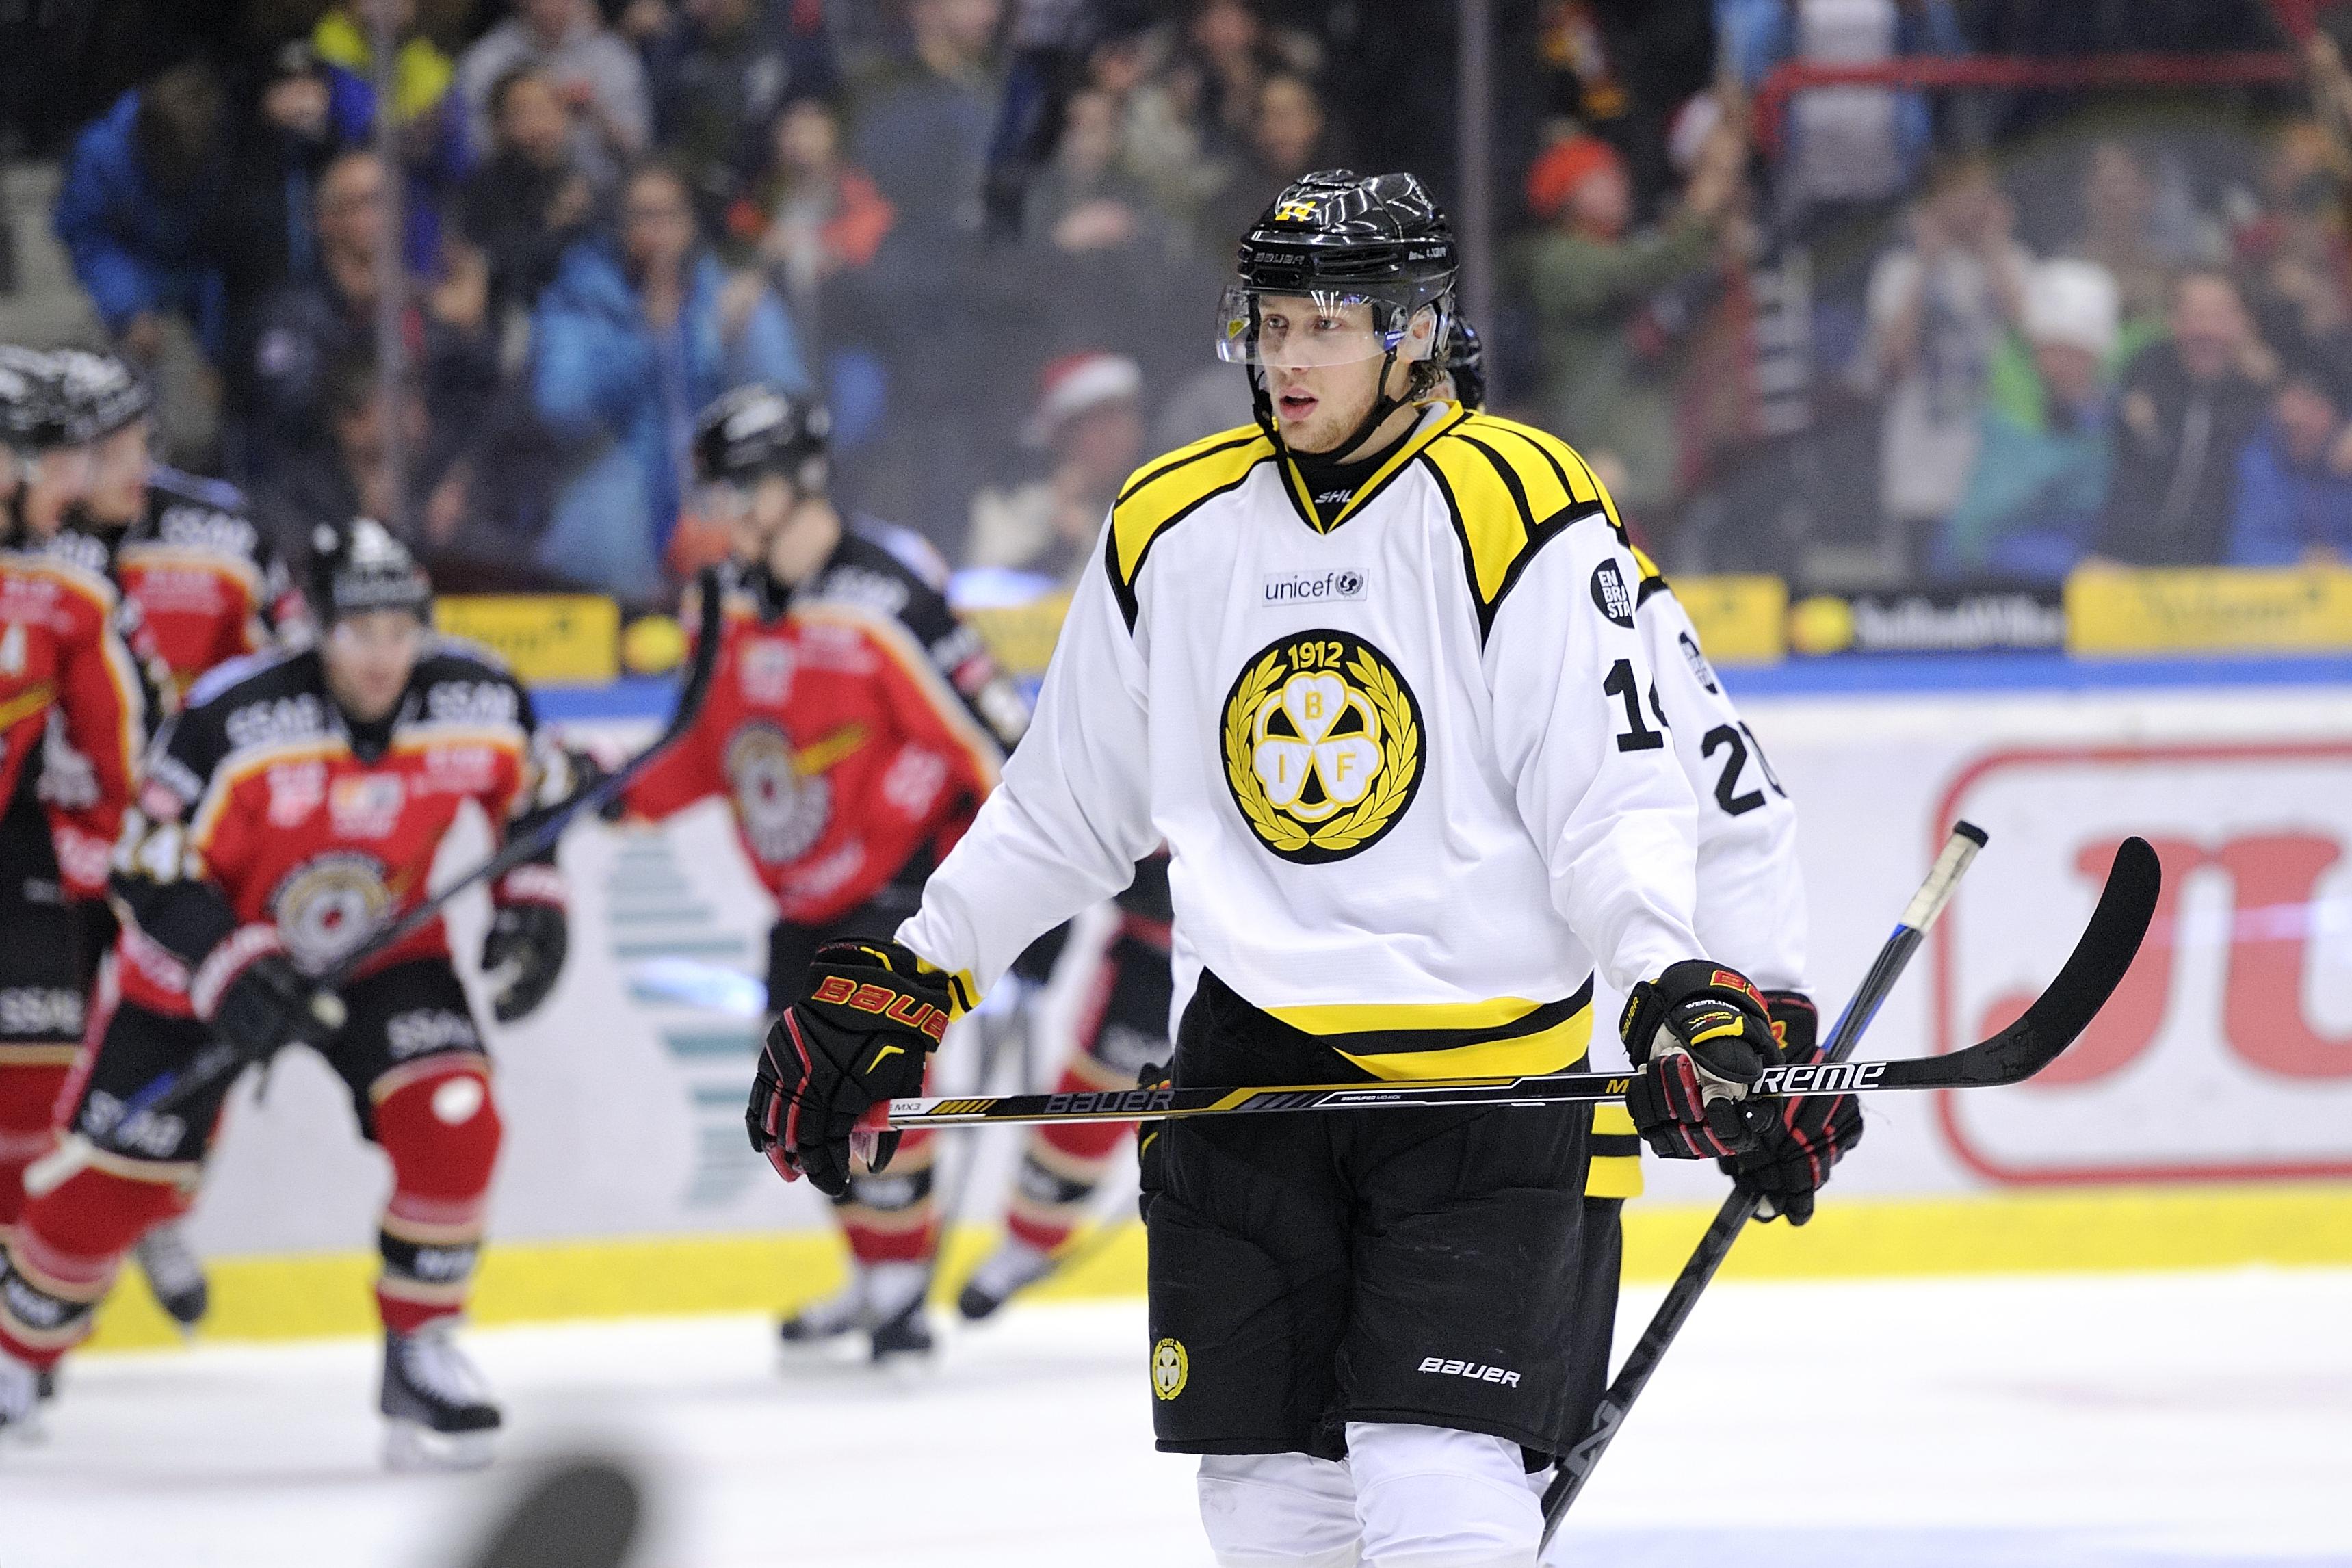 Shl meriterad malvakt till hockeyettan